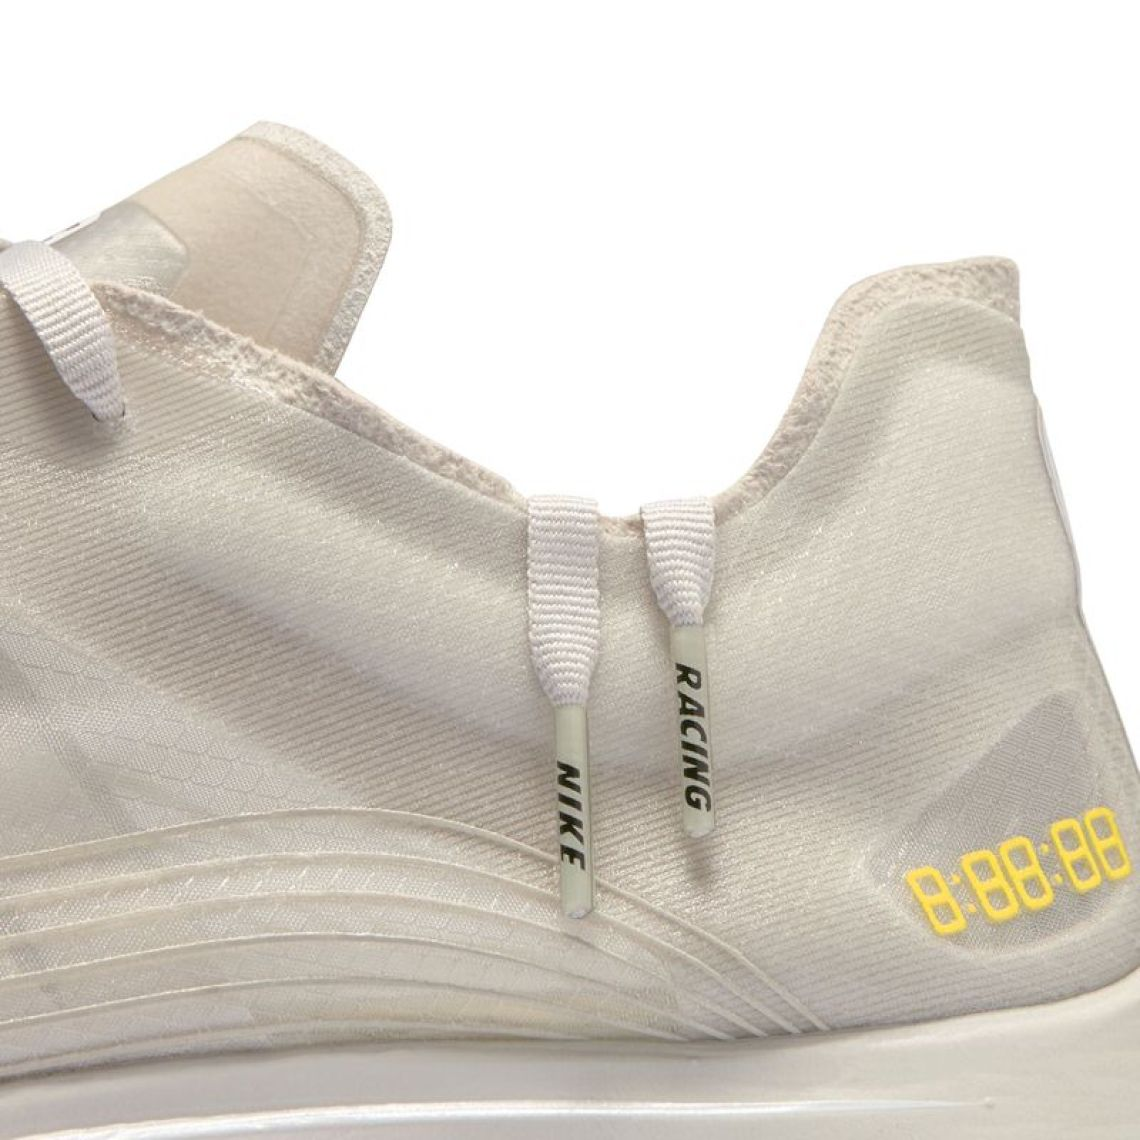 9ae9e929e9f4 Nike Zoom Fly SP